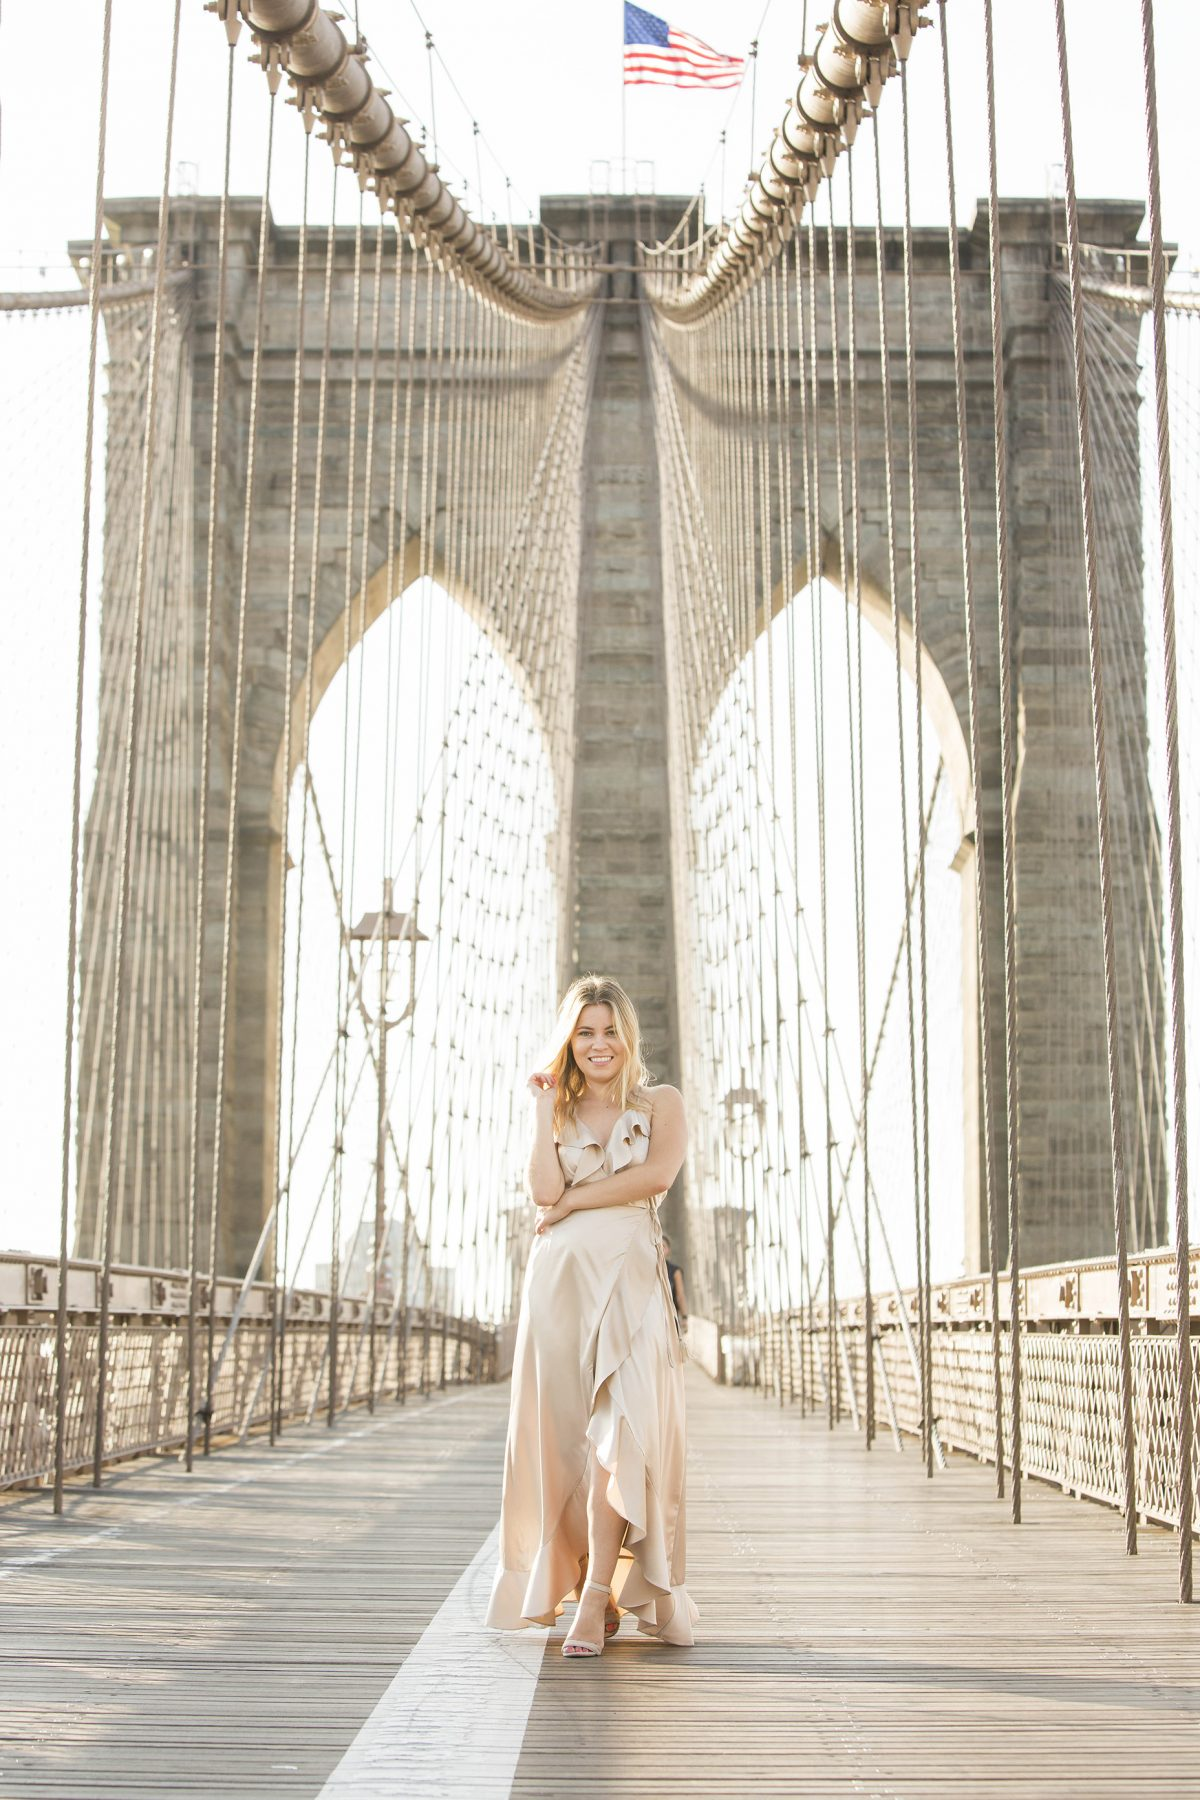 NYFW 2017 Brooklyn Bridge photo shoot